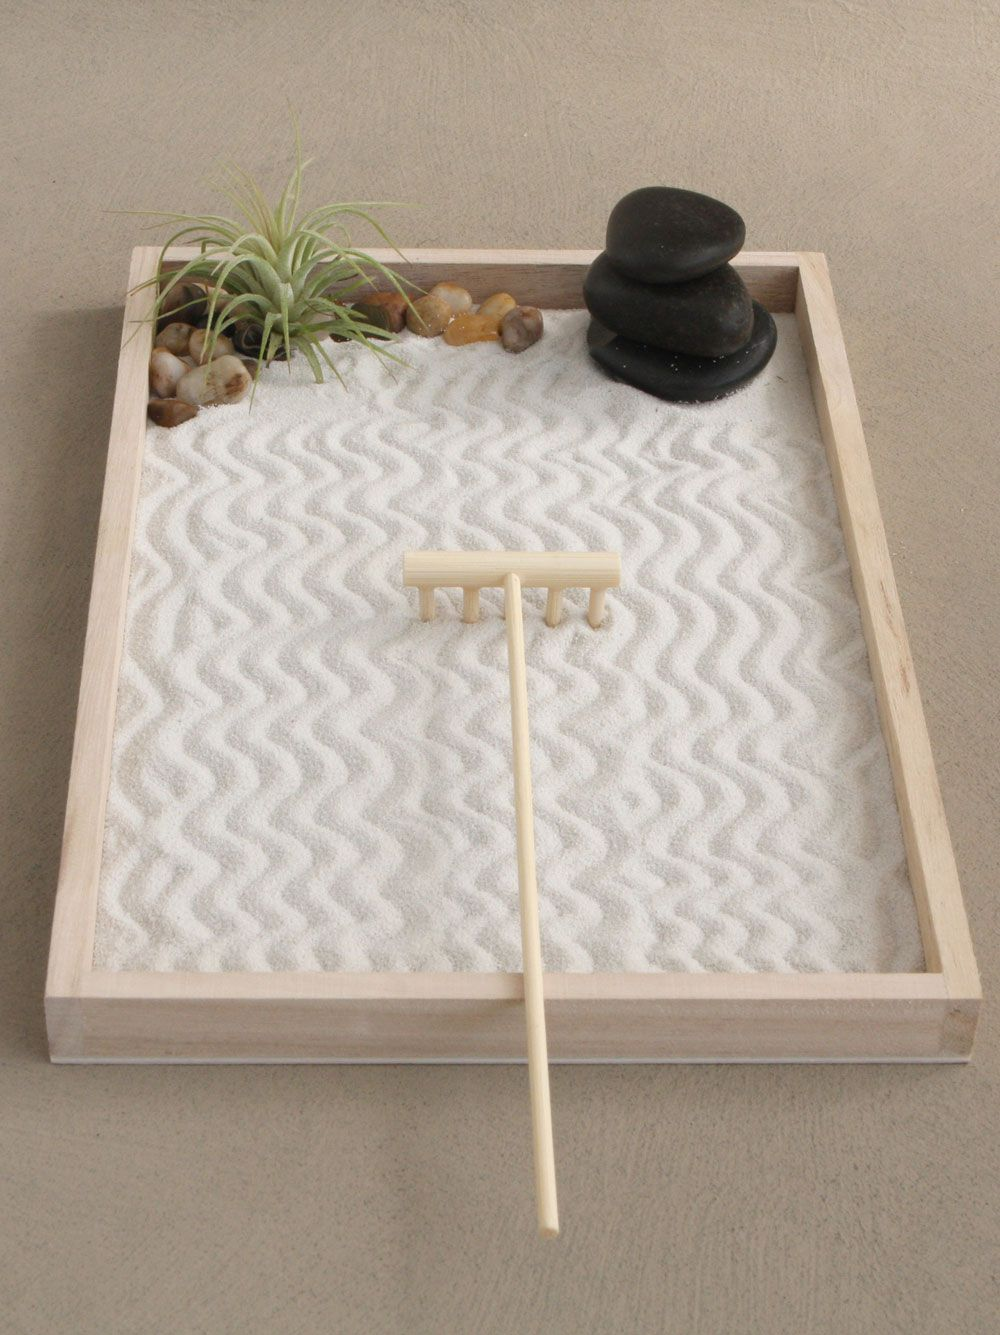 Stone Cairn Zen Garden Desktop Zen Garden Zen Garden Diy Zen Garden Design